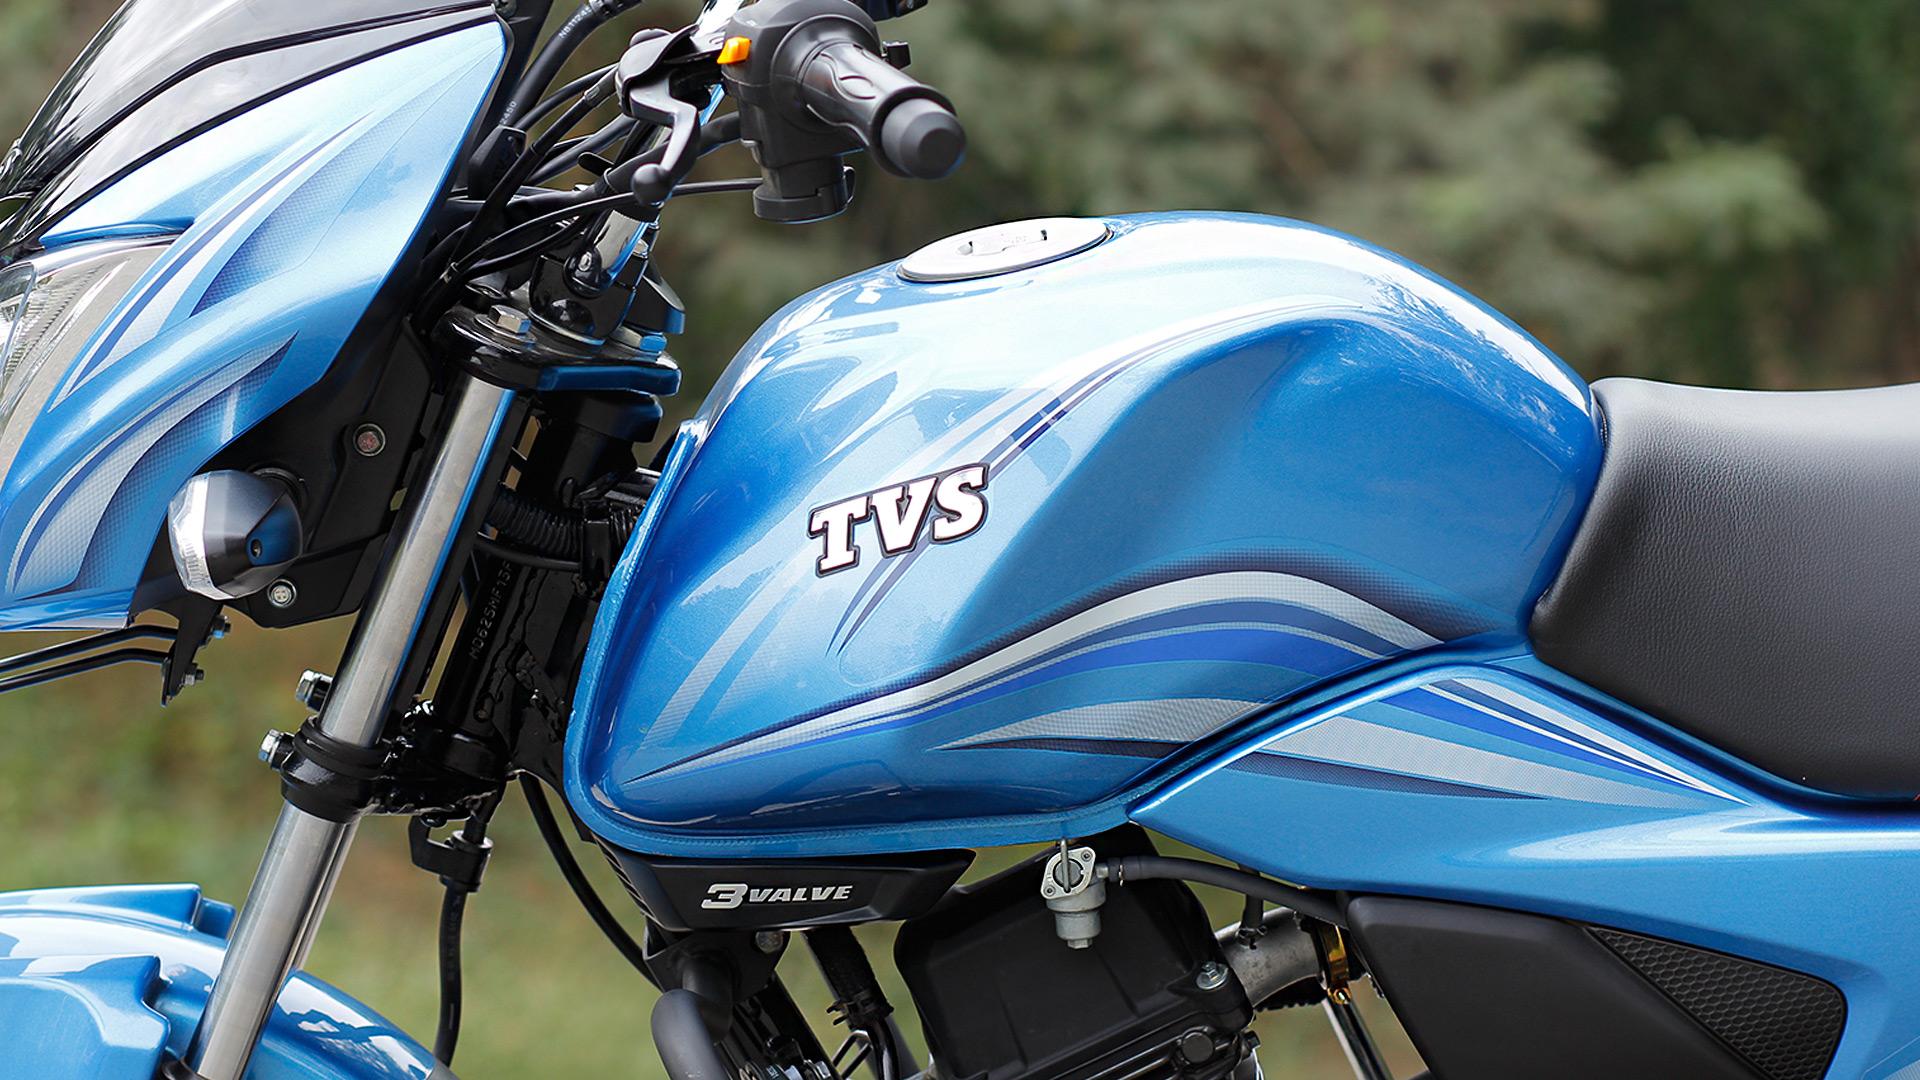 TVS Victor 2016 Disc